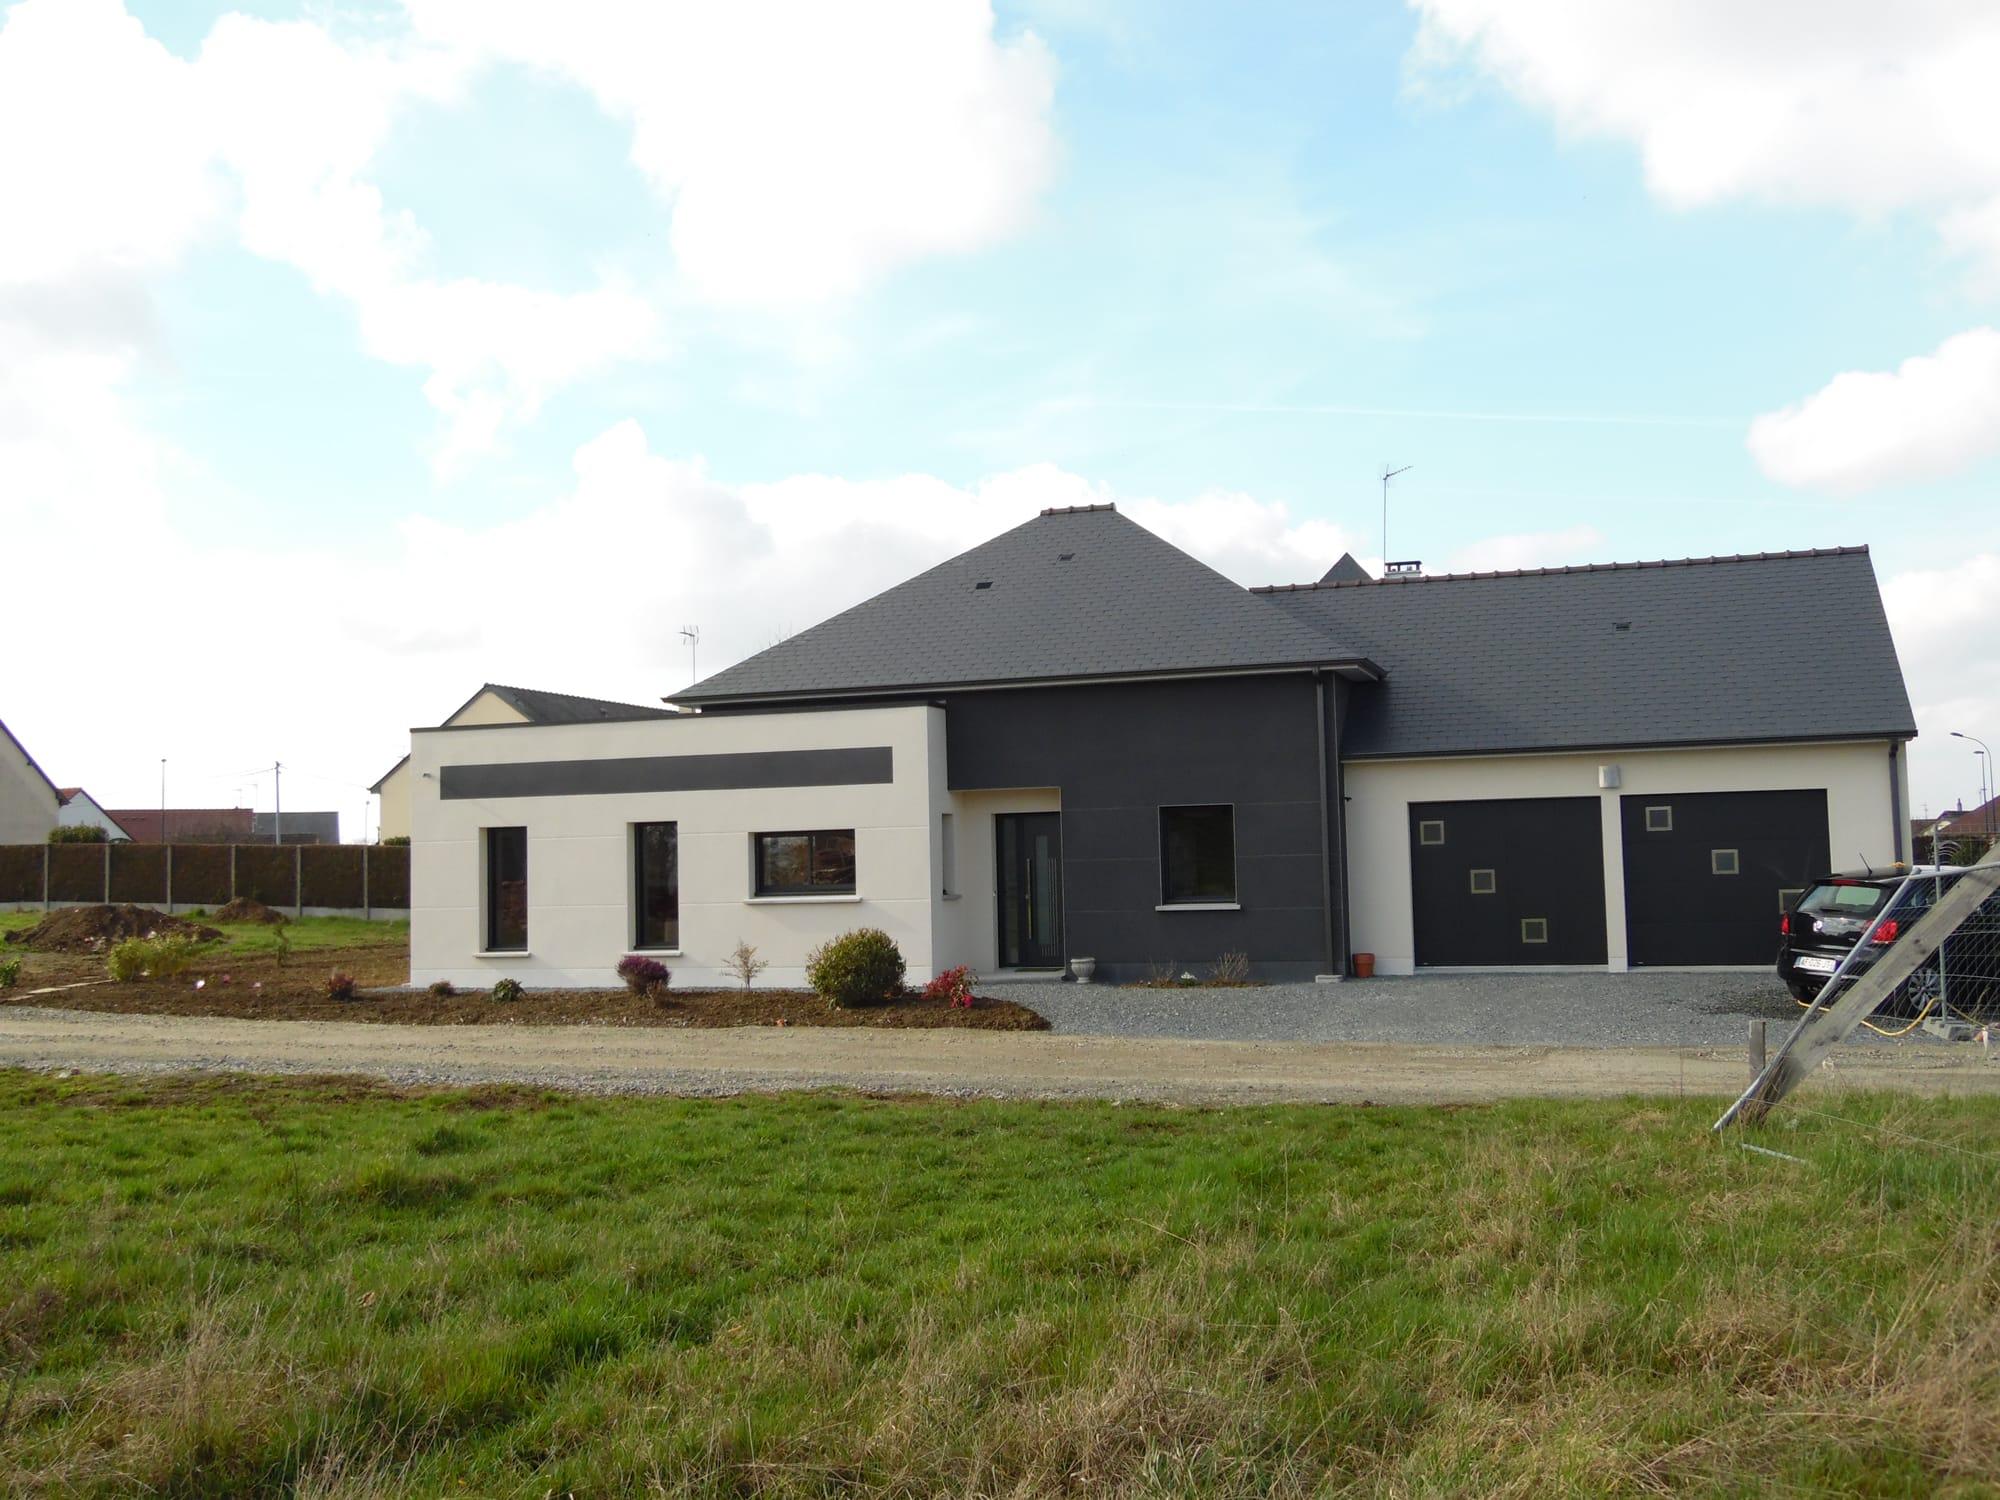 Maison individuelle constructeur ventana blog for Constructeur maison individuelle 69